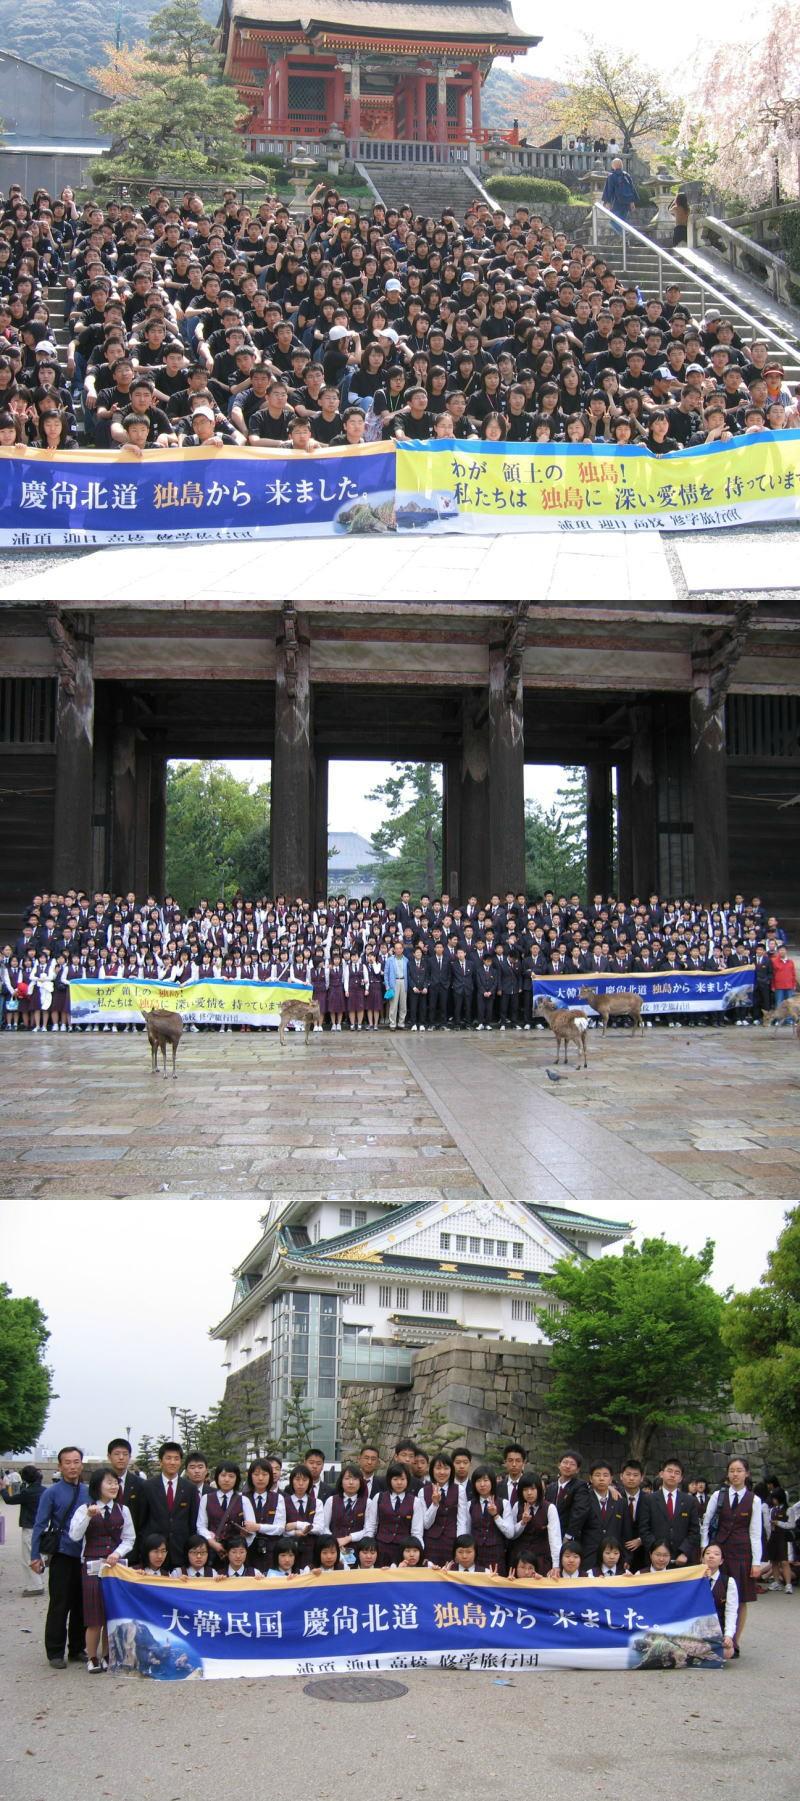 朝鮮半島へ小学生を派遣する研修事業を中止1